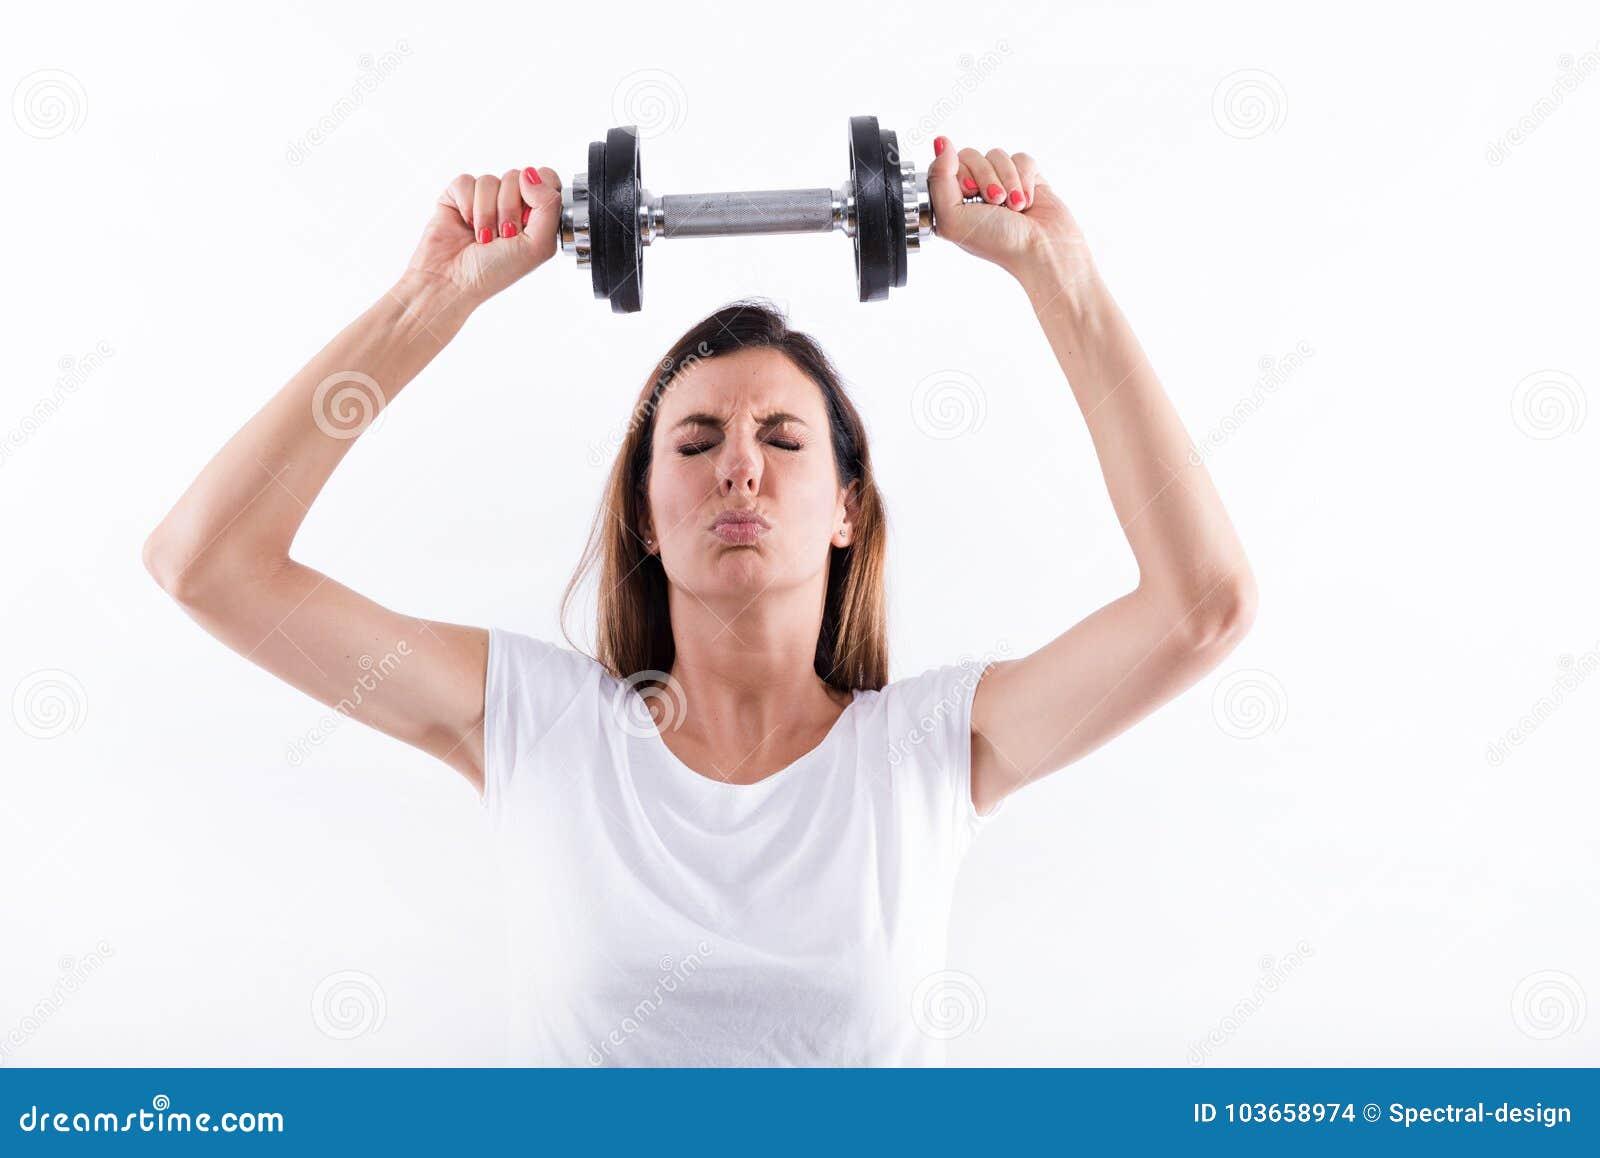 Anhebendes Gewicht Der Jungen Frau Stockfoto - Bild von